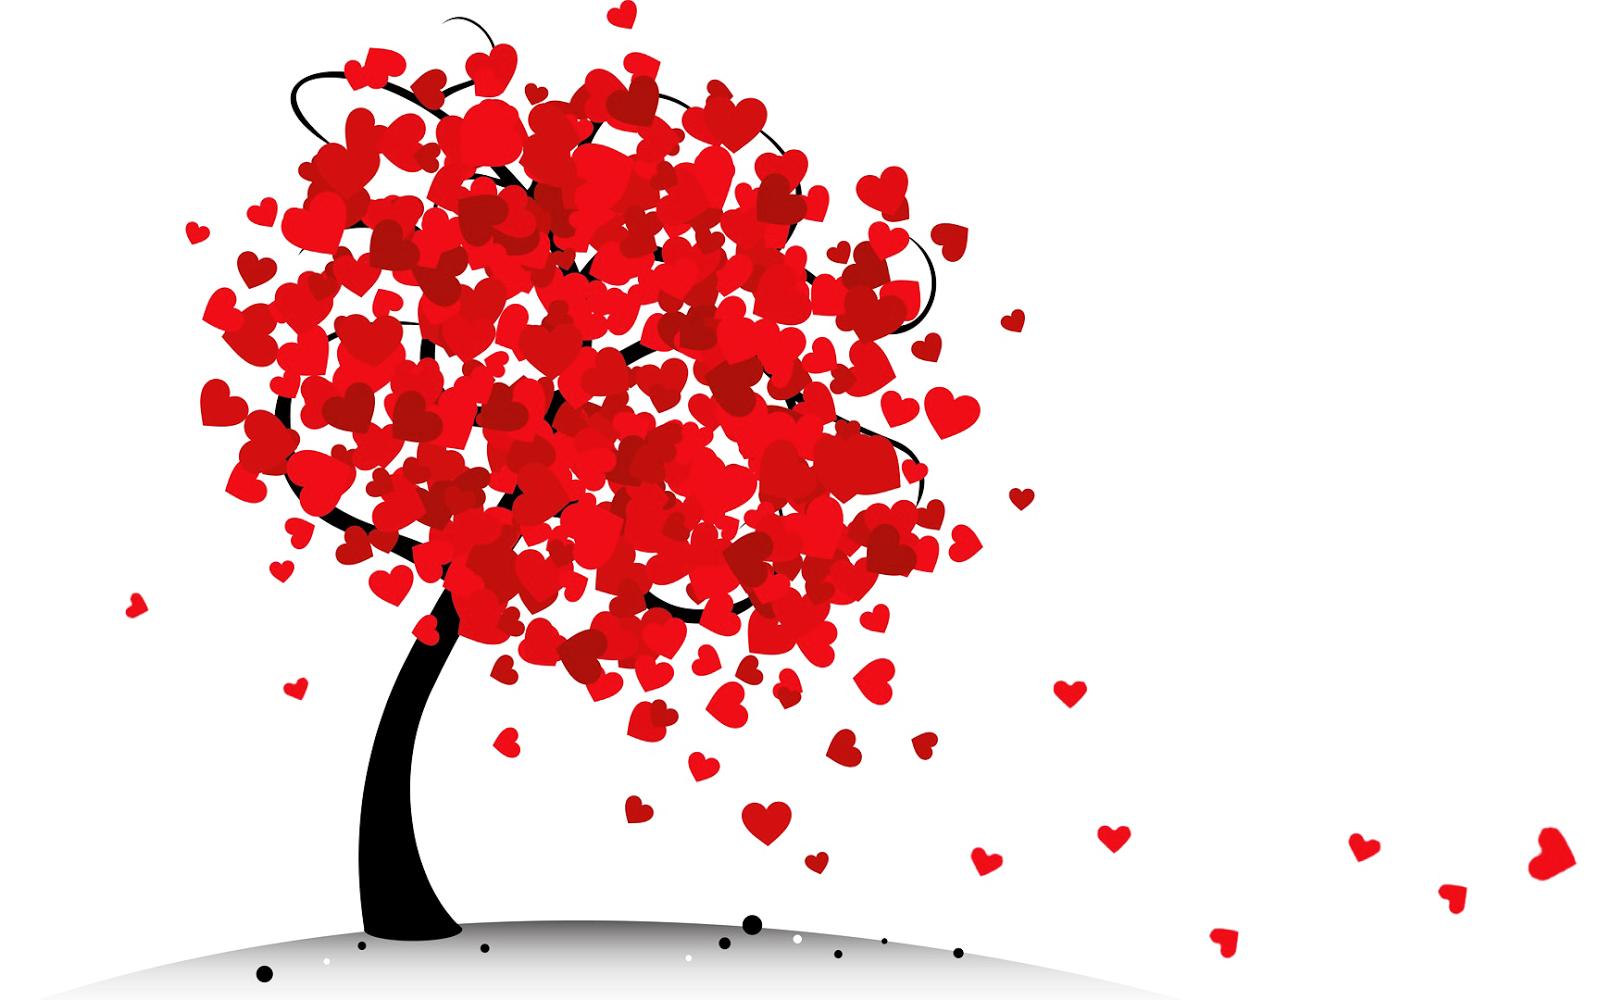 Liefde Opzoek Naar-96156